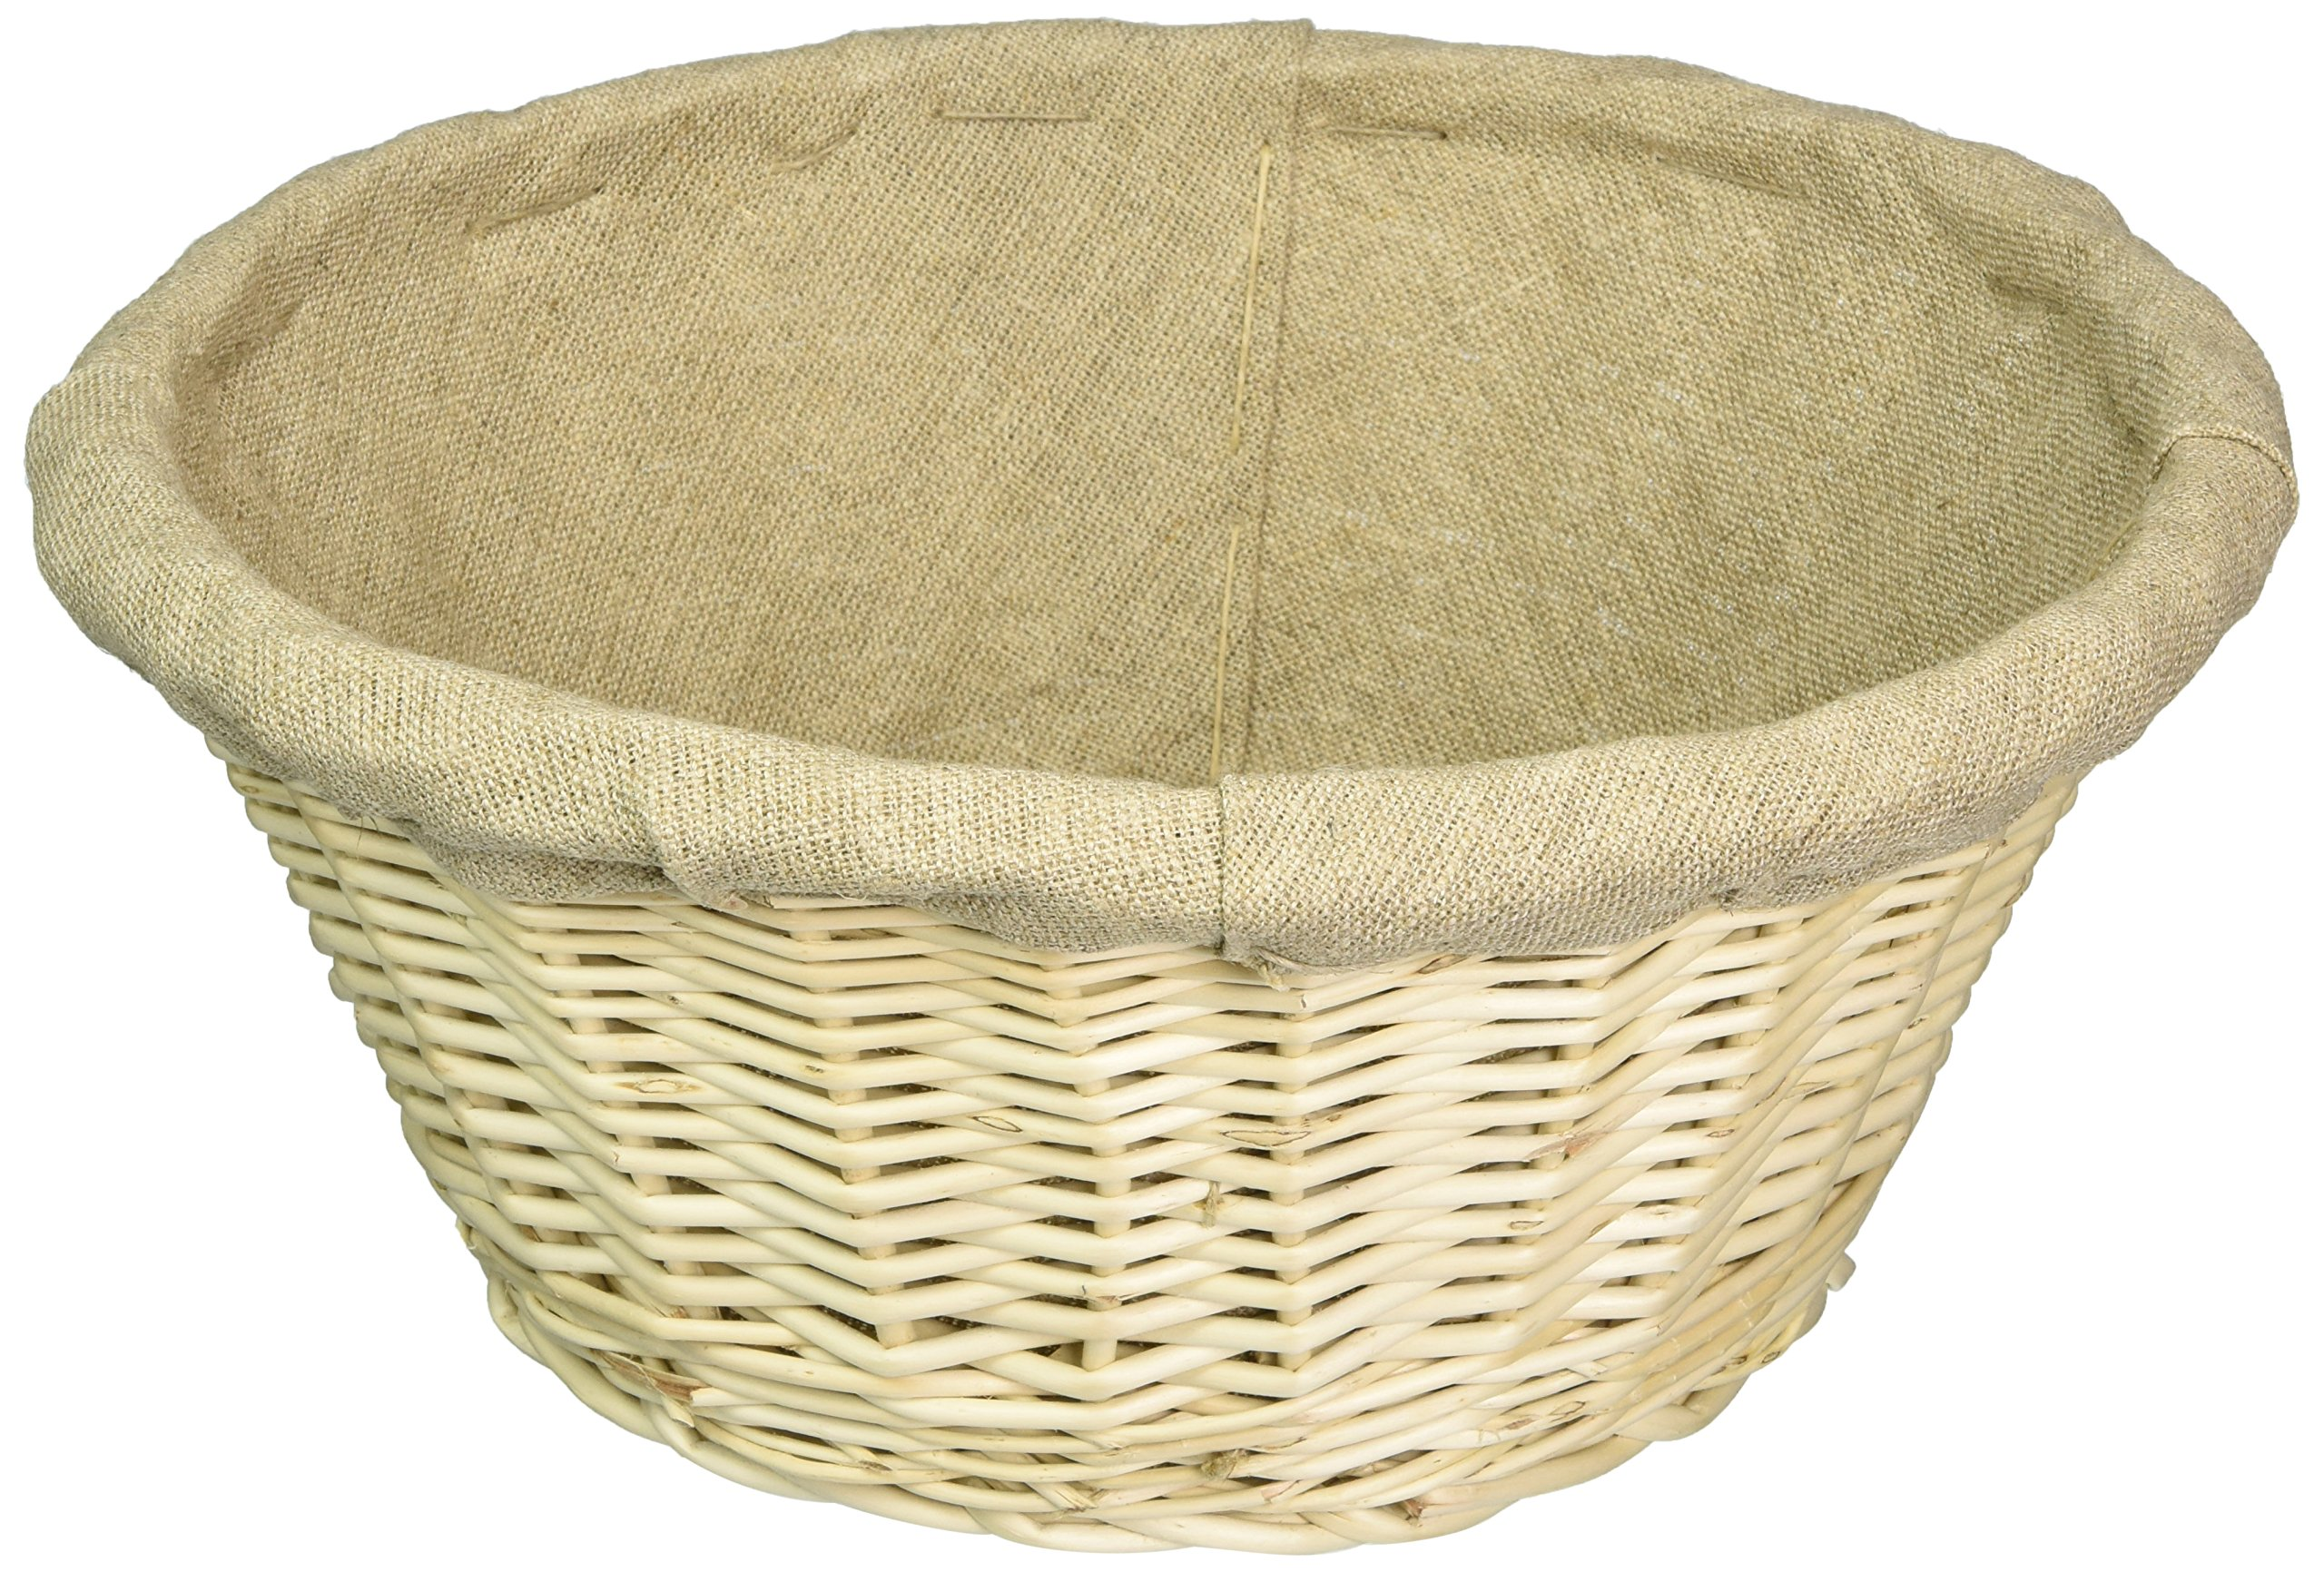 Matfer 11 1/2 Inch Banneton Line Lined Basket